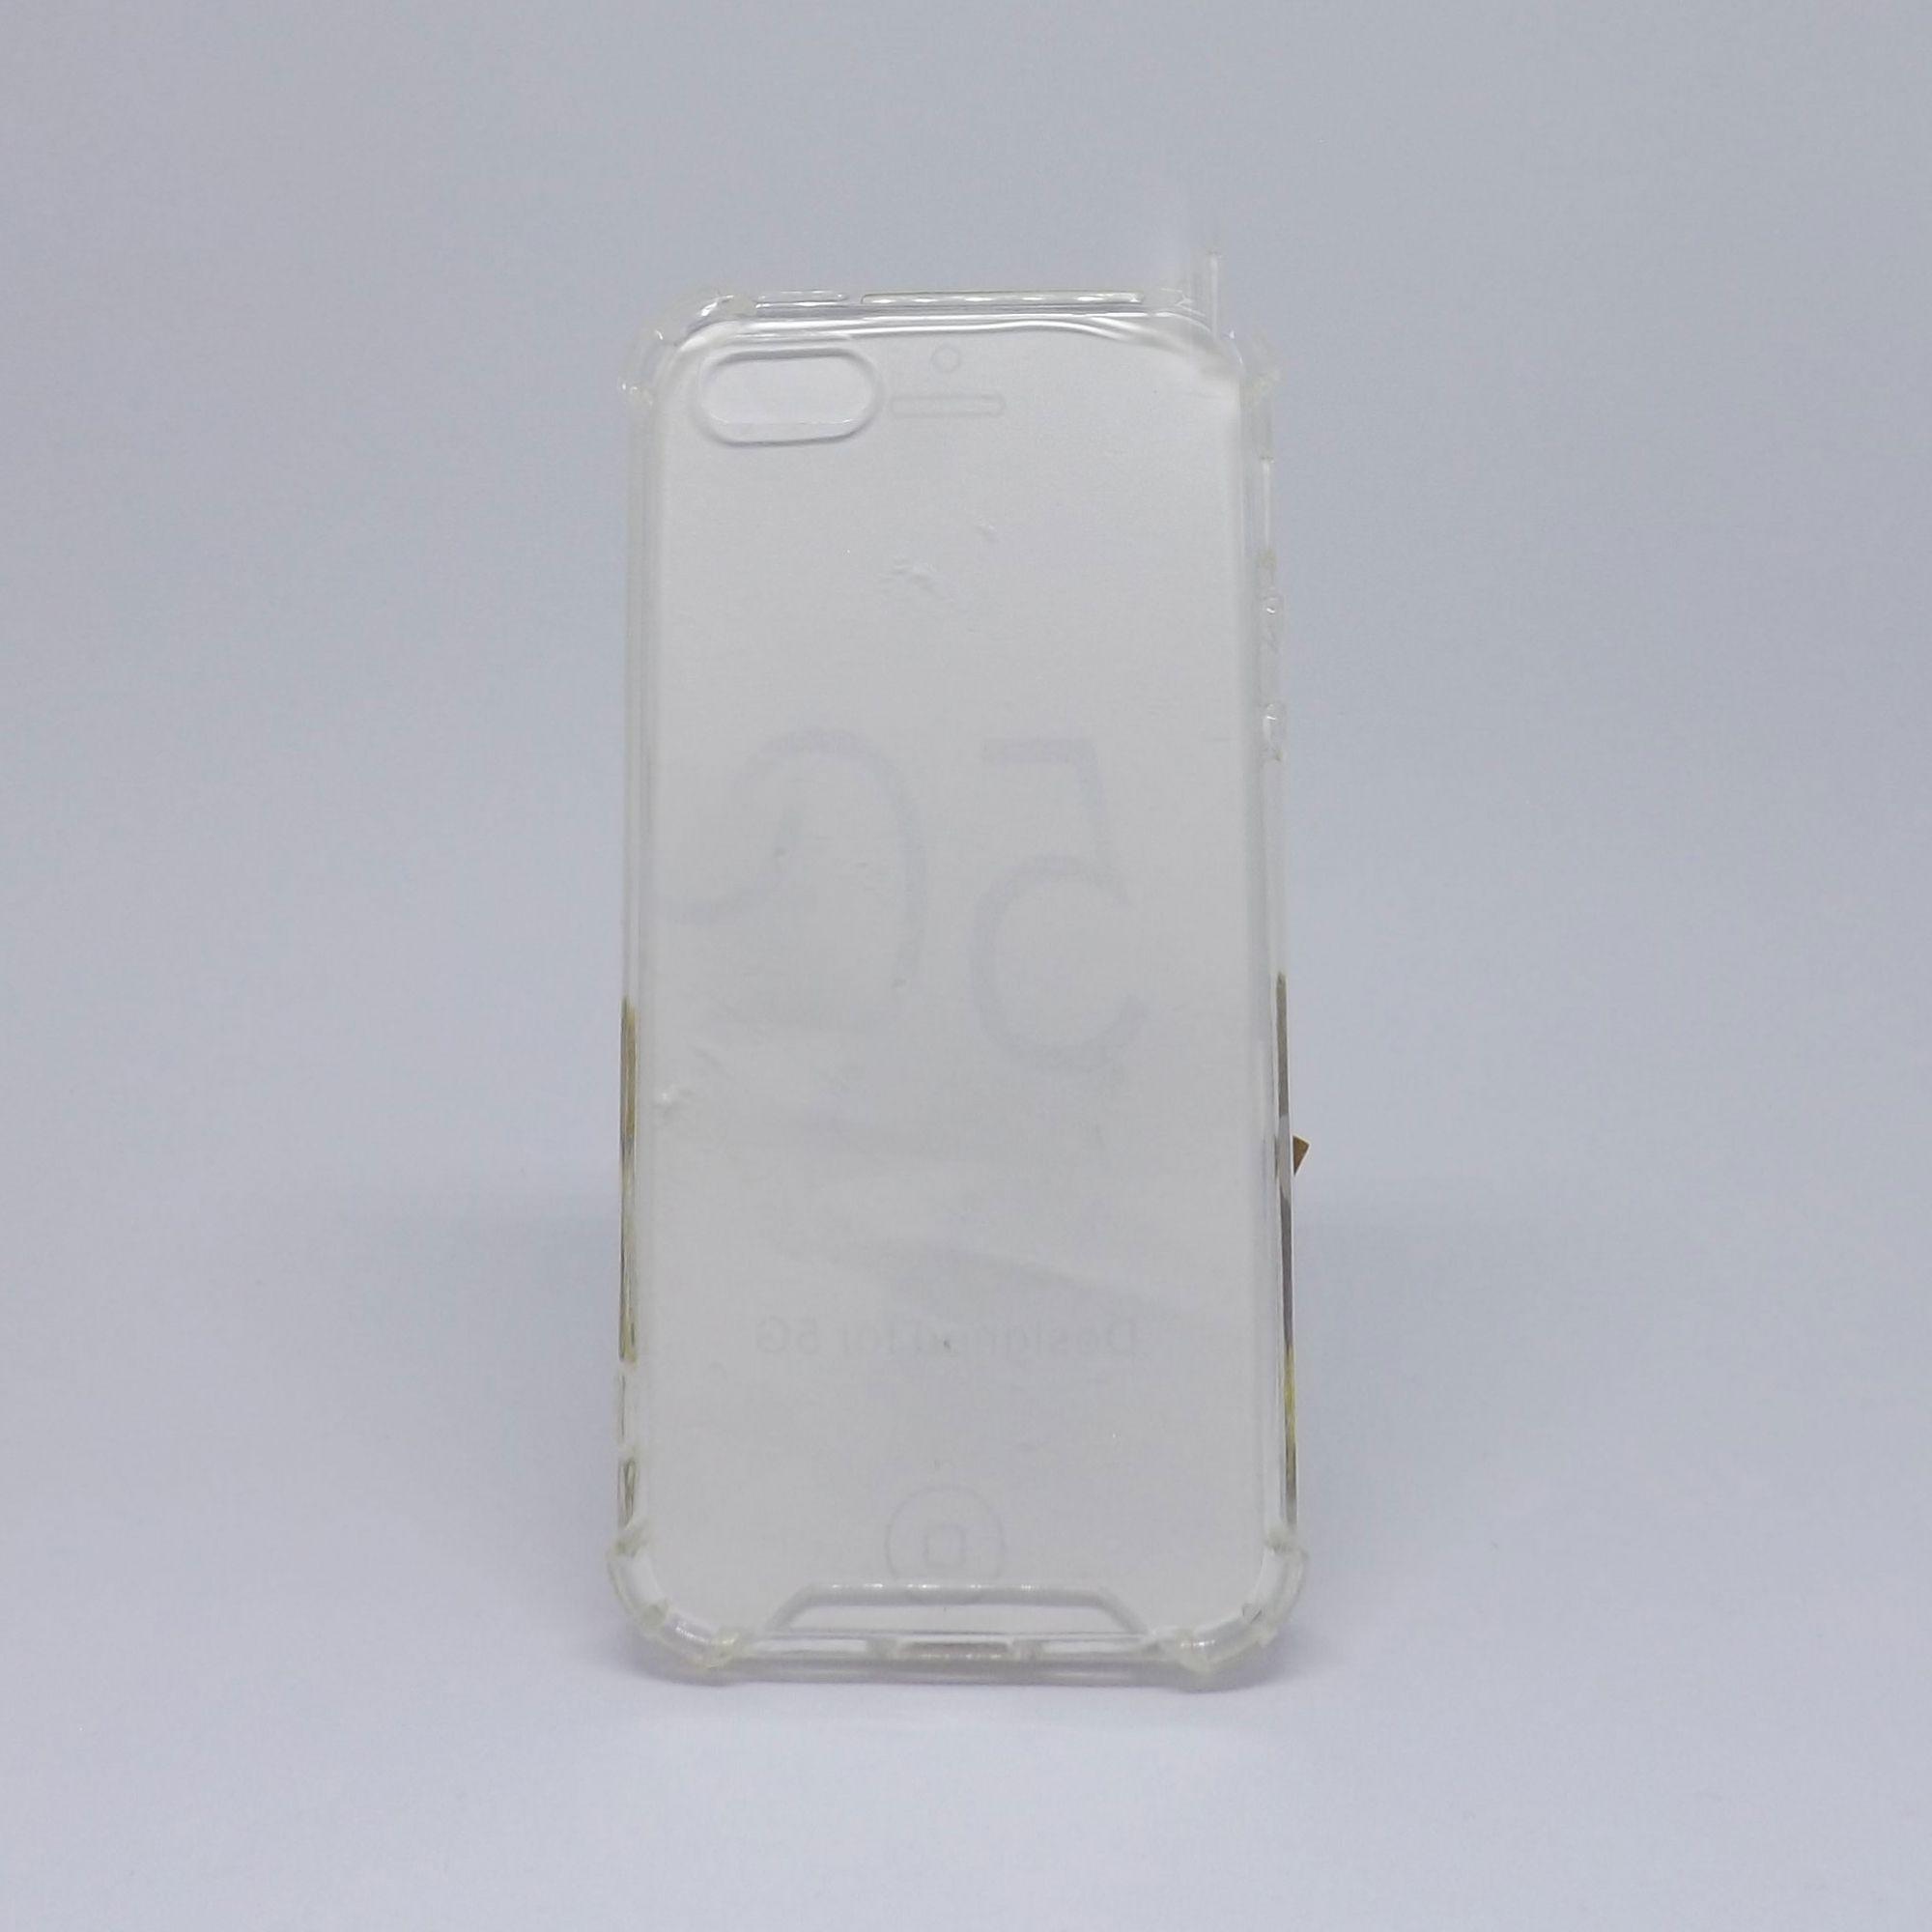 Capa Iphone 5s/SE Antiqueda Transparente